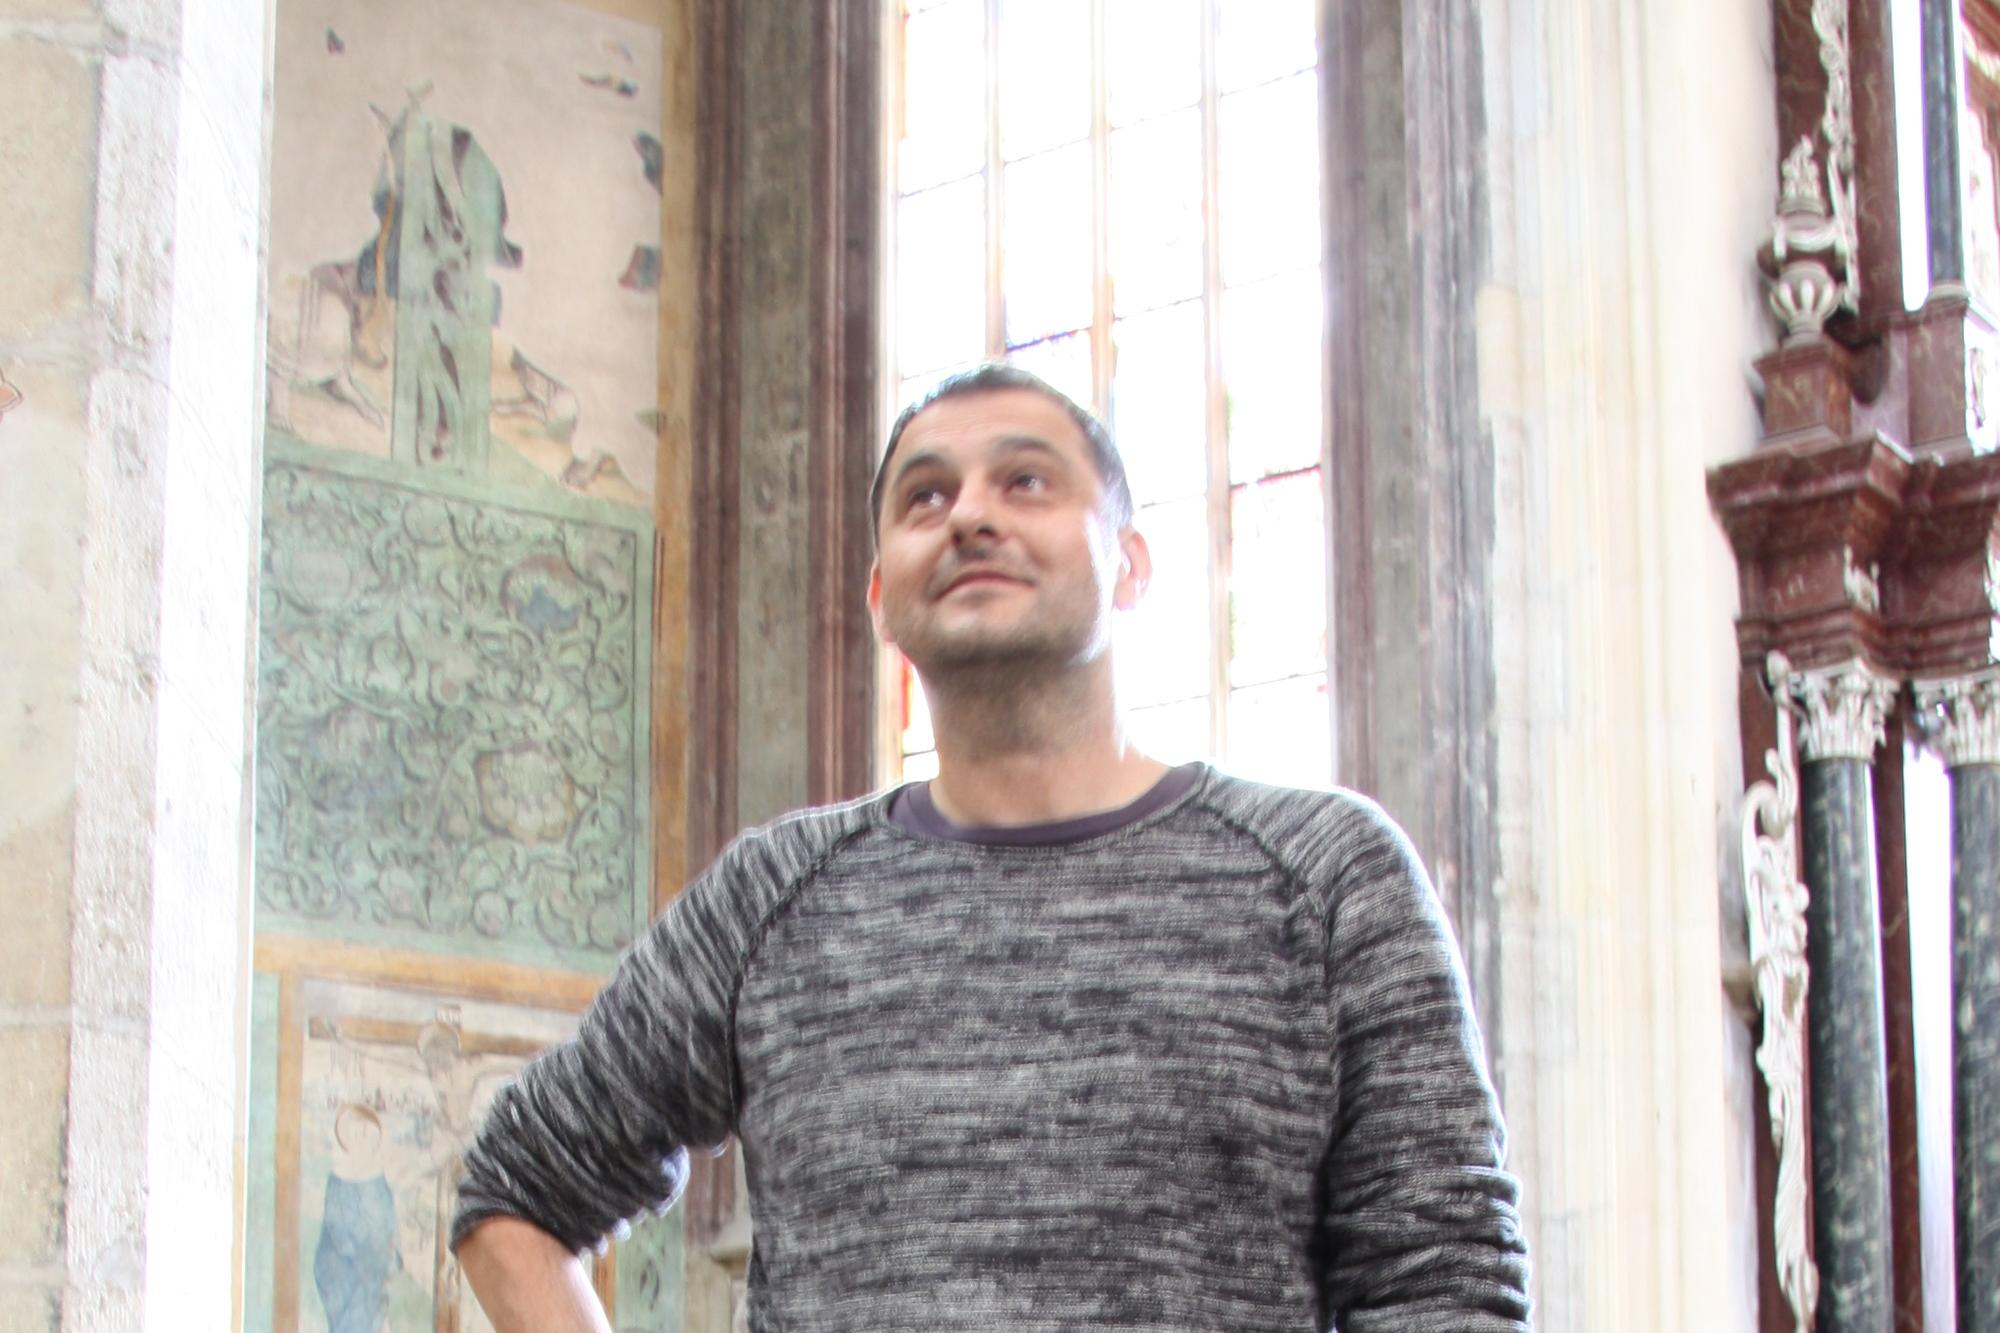 Piotr Lechowicz